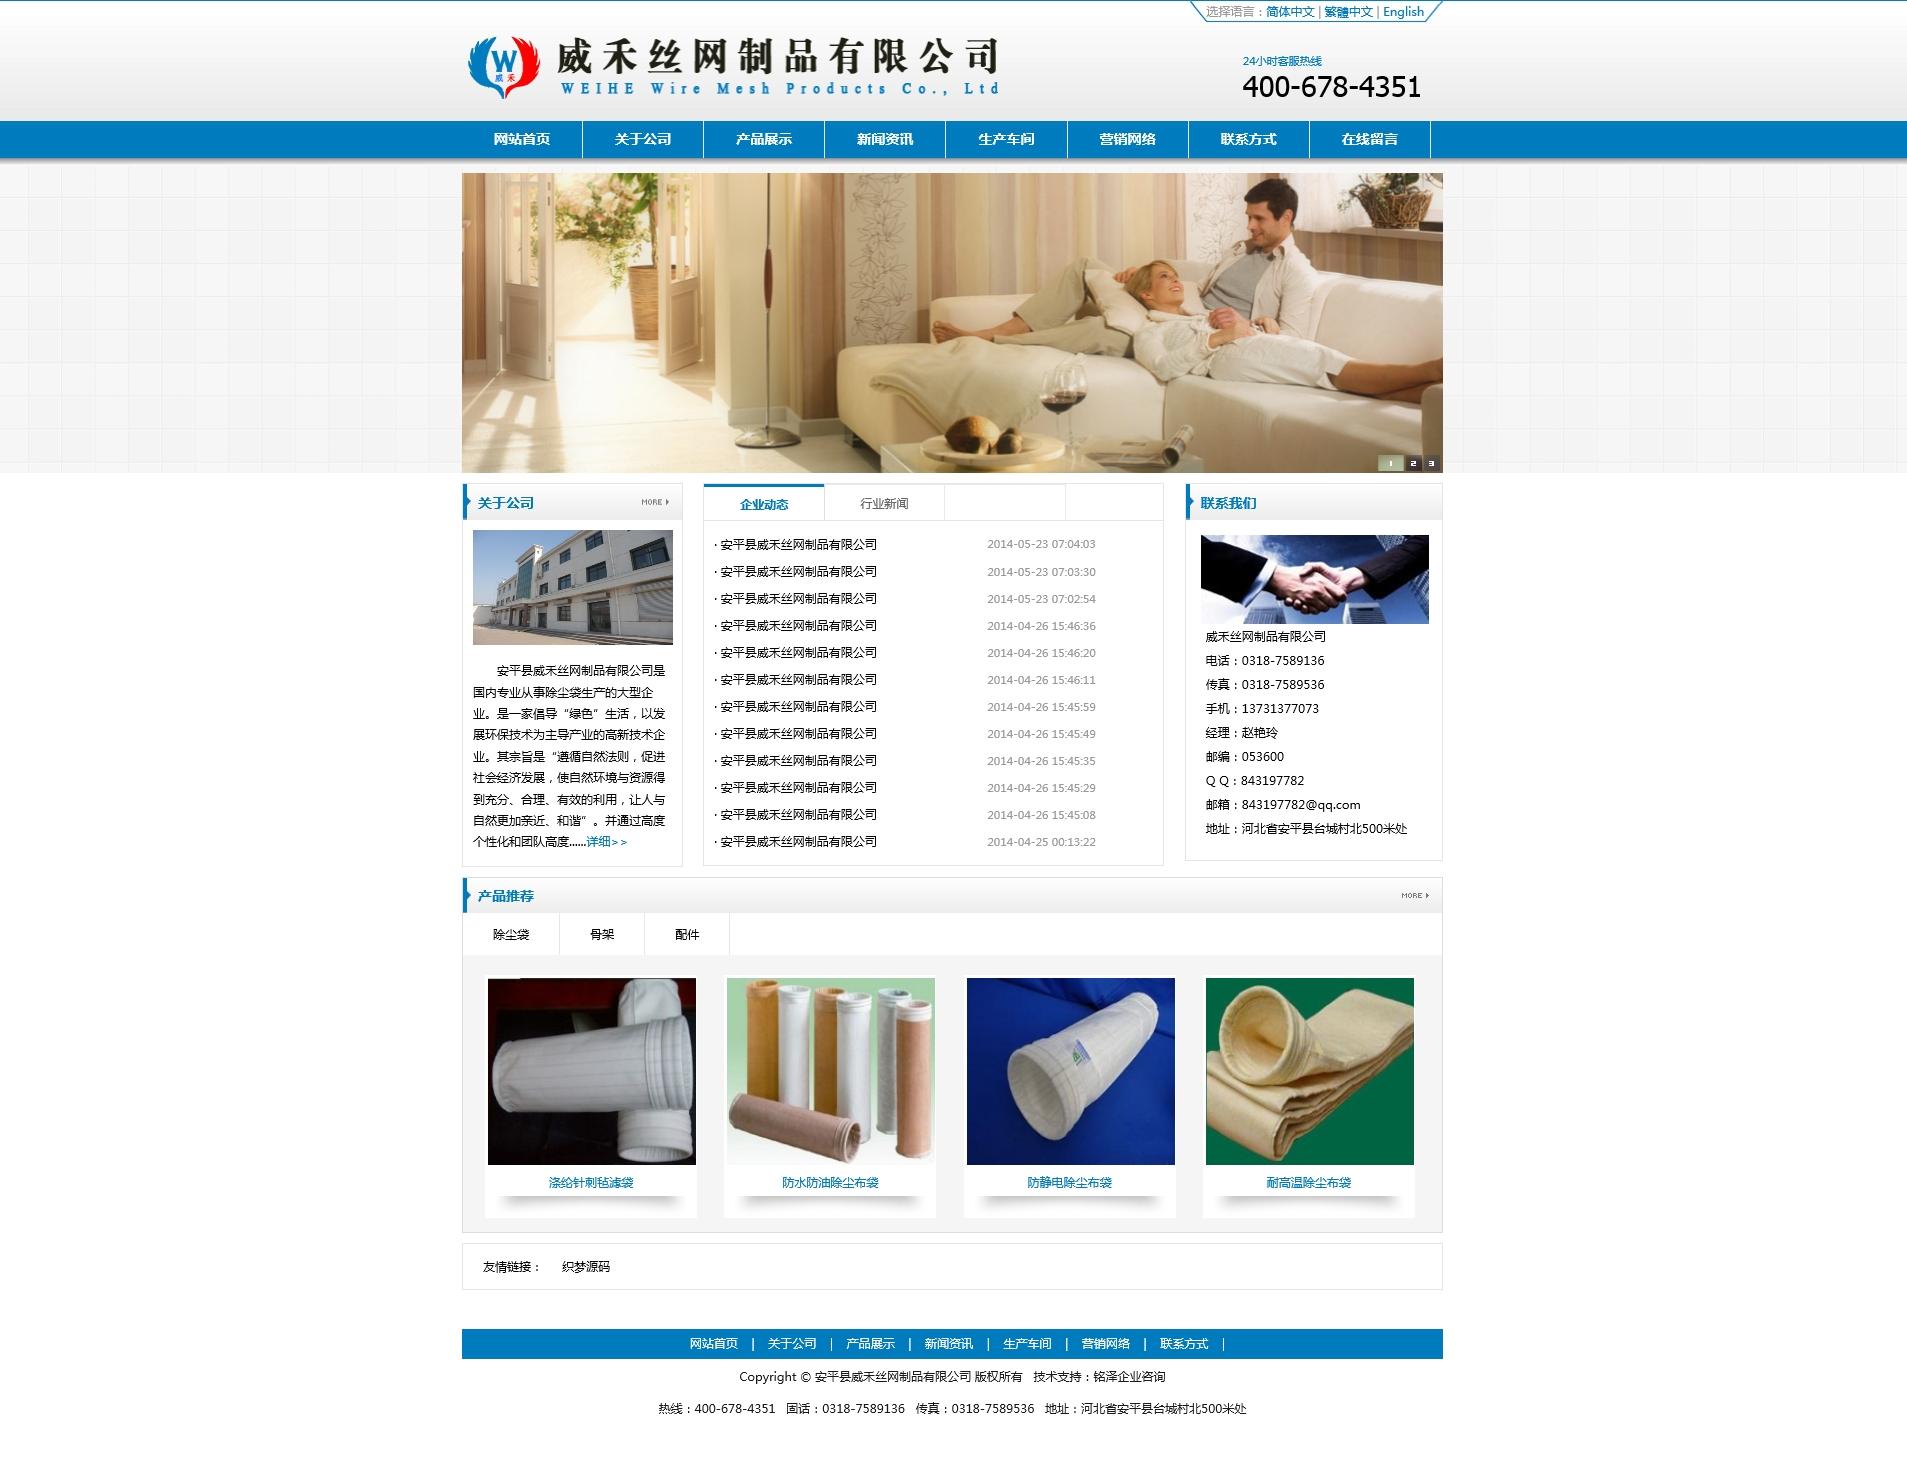 中英双语大气蓝色企业网站织梦dedecms源码